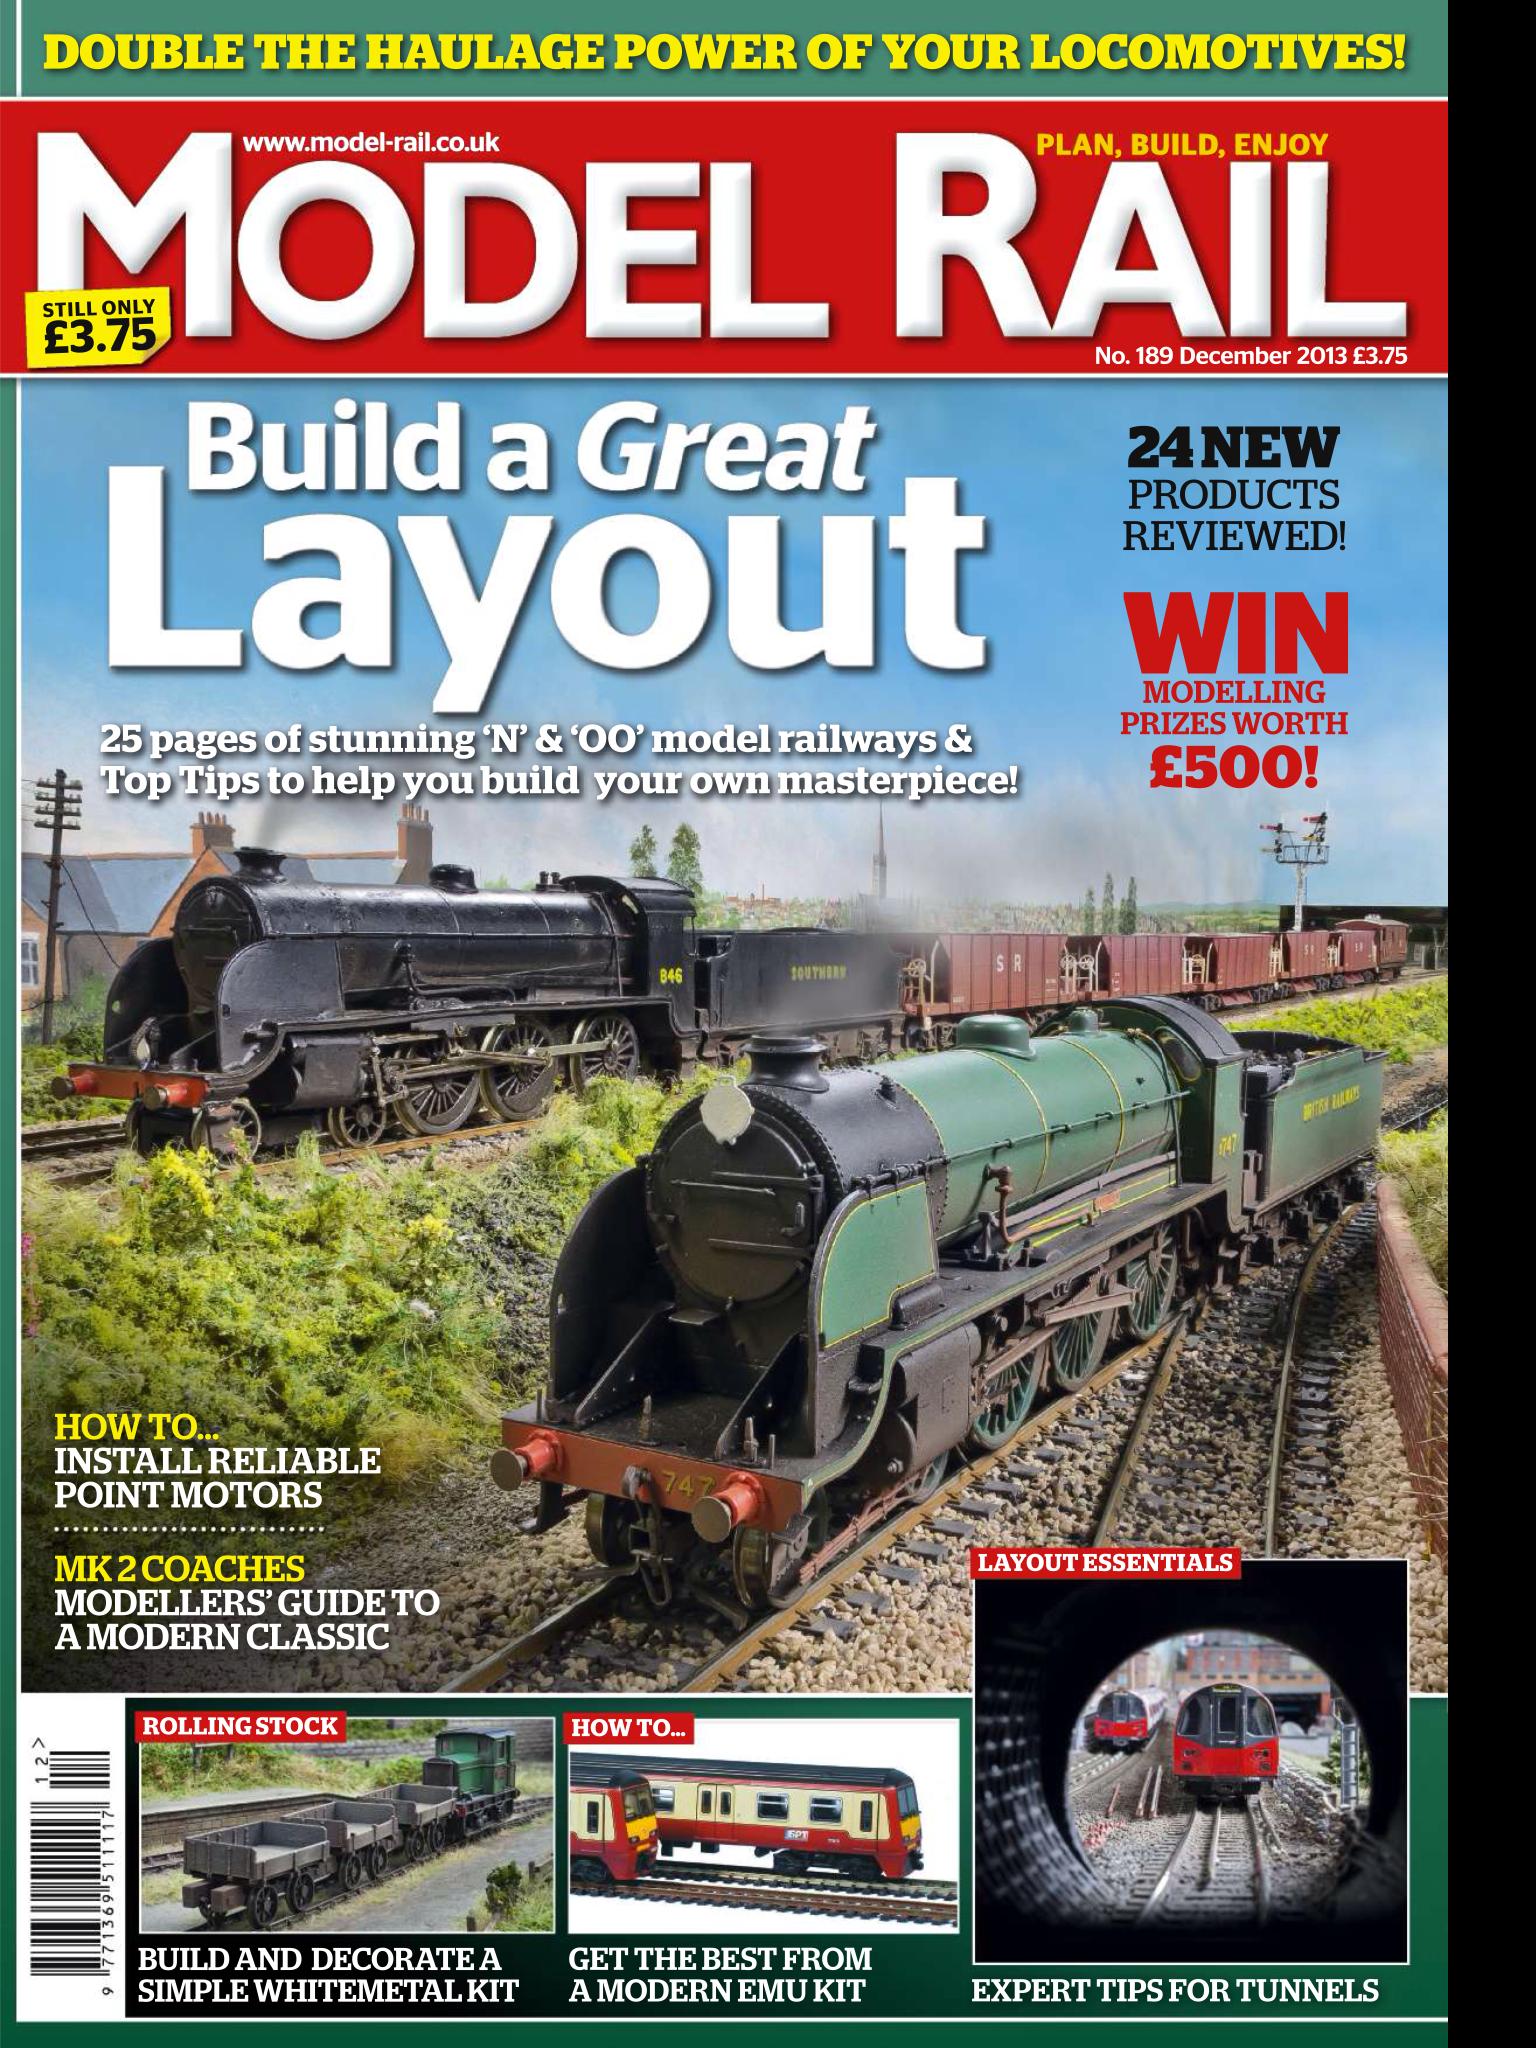 Model rail magazine december 2013 full